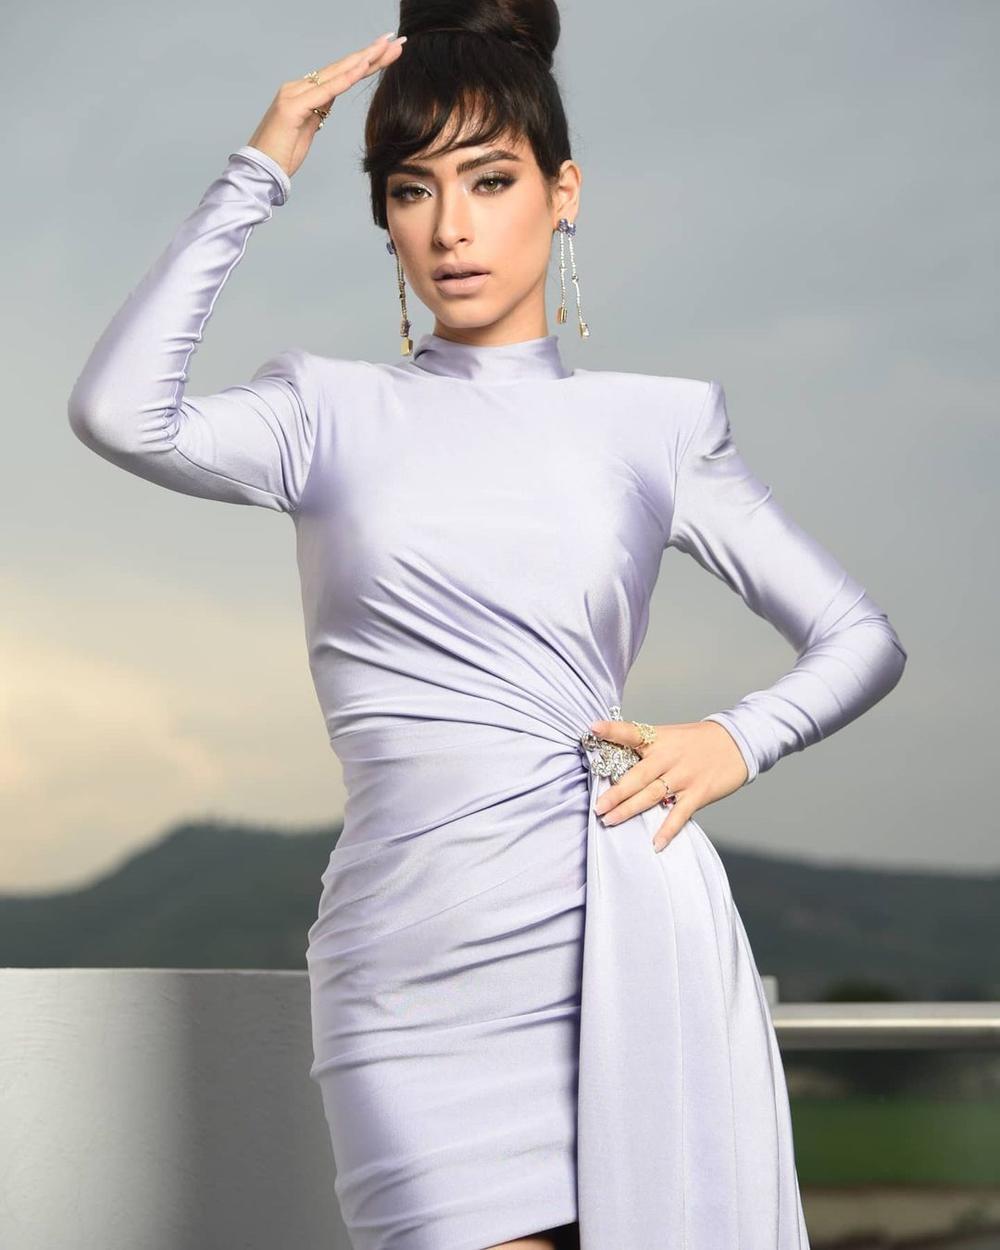 Mặc áo tắm tạo dáng, catwalk bên tượng phật, Miss Grand Mexico bị chỉ trích kịch liệt Ảnh 8